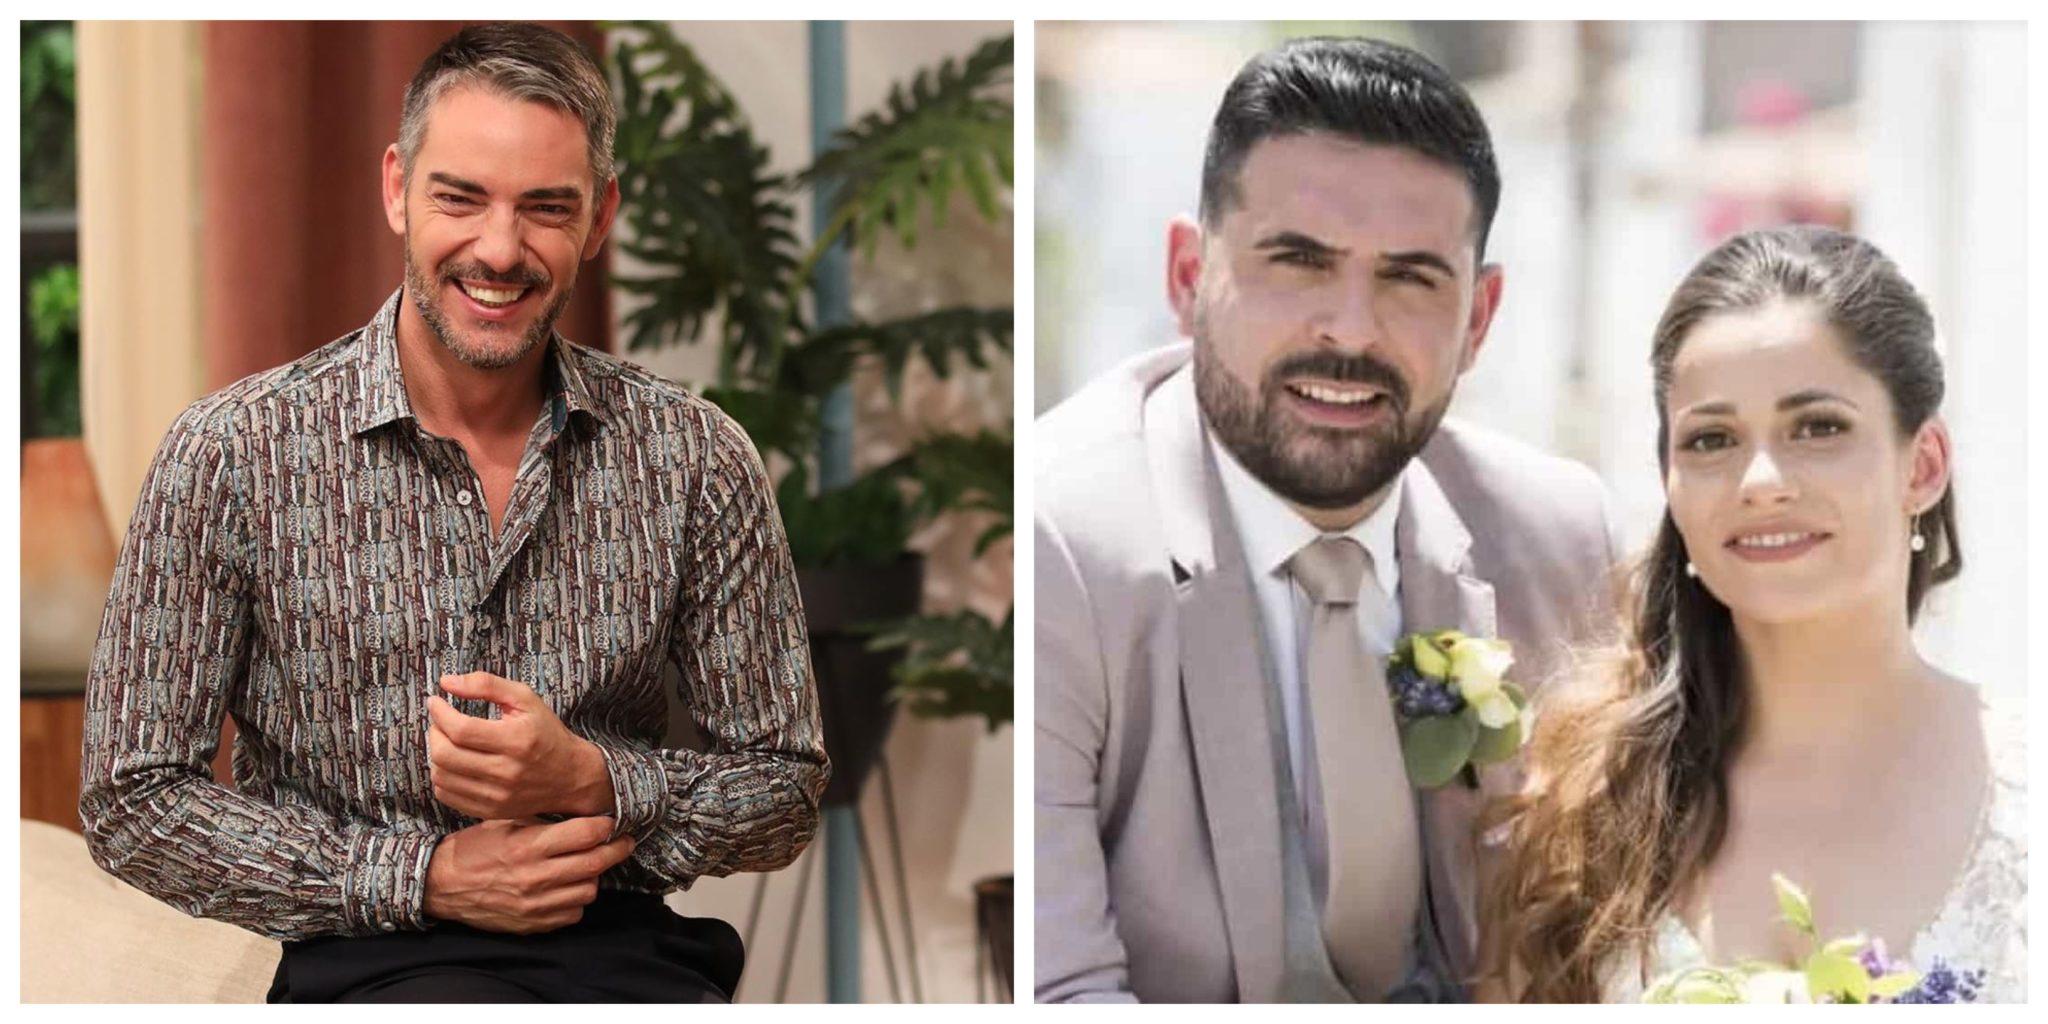 Claudioramos Lucas Anabela 'Casados'. Cláudio Ramos Indignado Com Comentário De Convidada Do Noivo